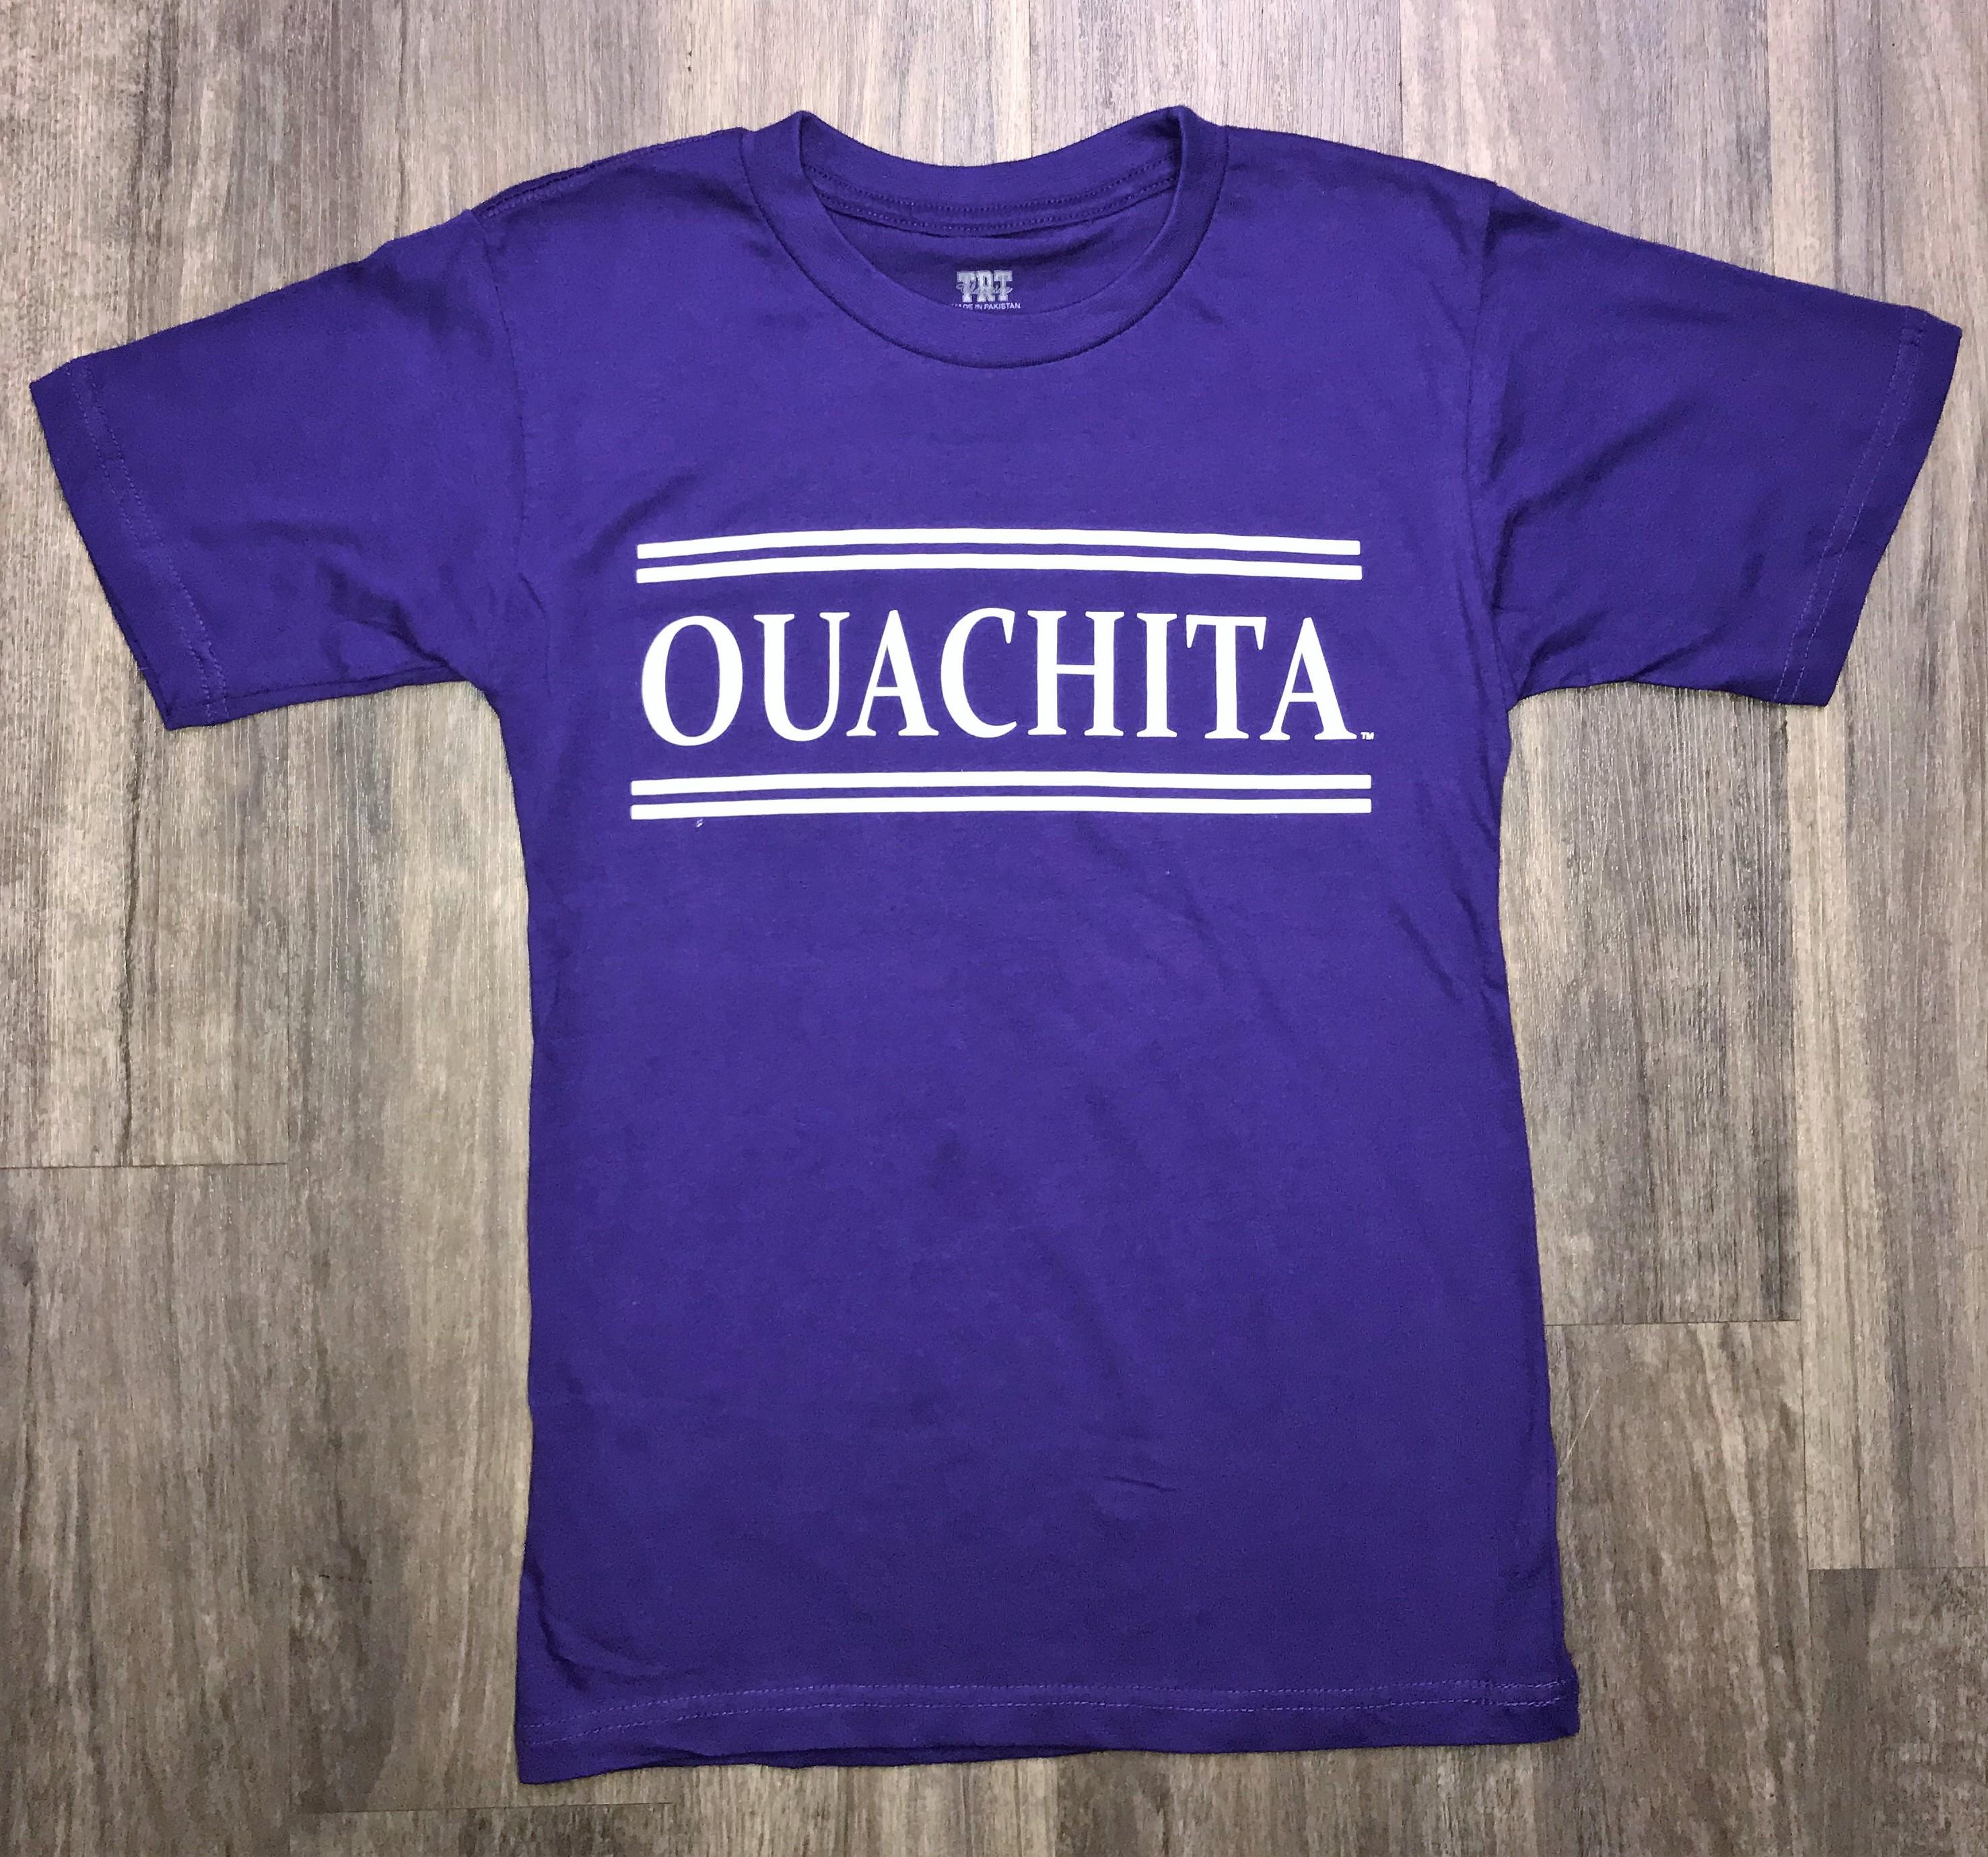 OUACHITA SS TEE